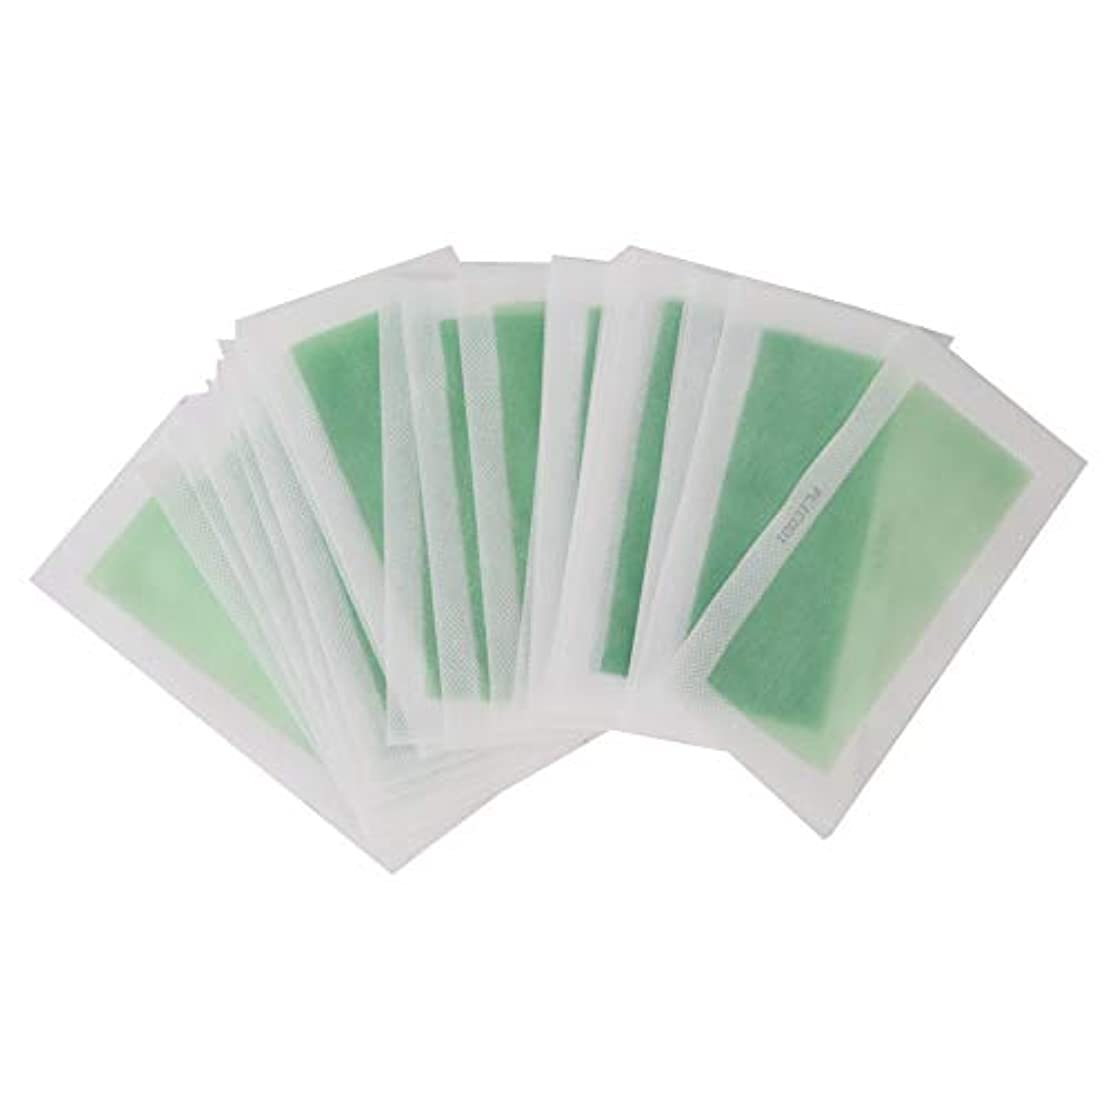 付録ほんの華氏毛を除去する紙、男性と女性のための毛を取除くために速くそして便利な48Pcs使い捨て可能な二重表面非編まれたワックスボディ脱毛紙